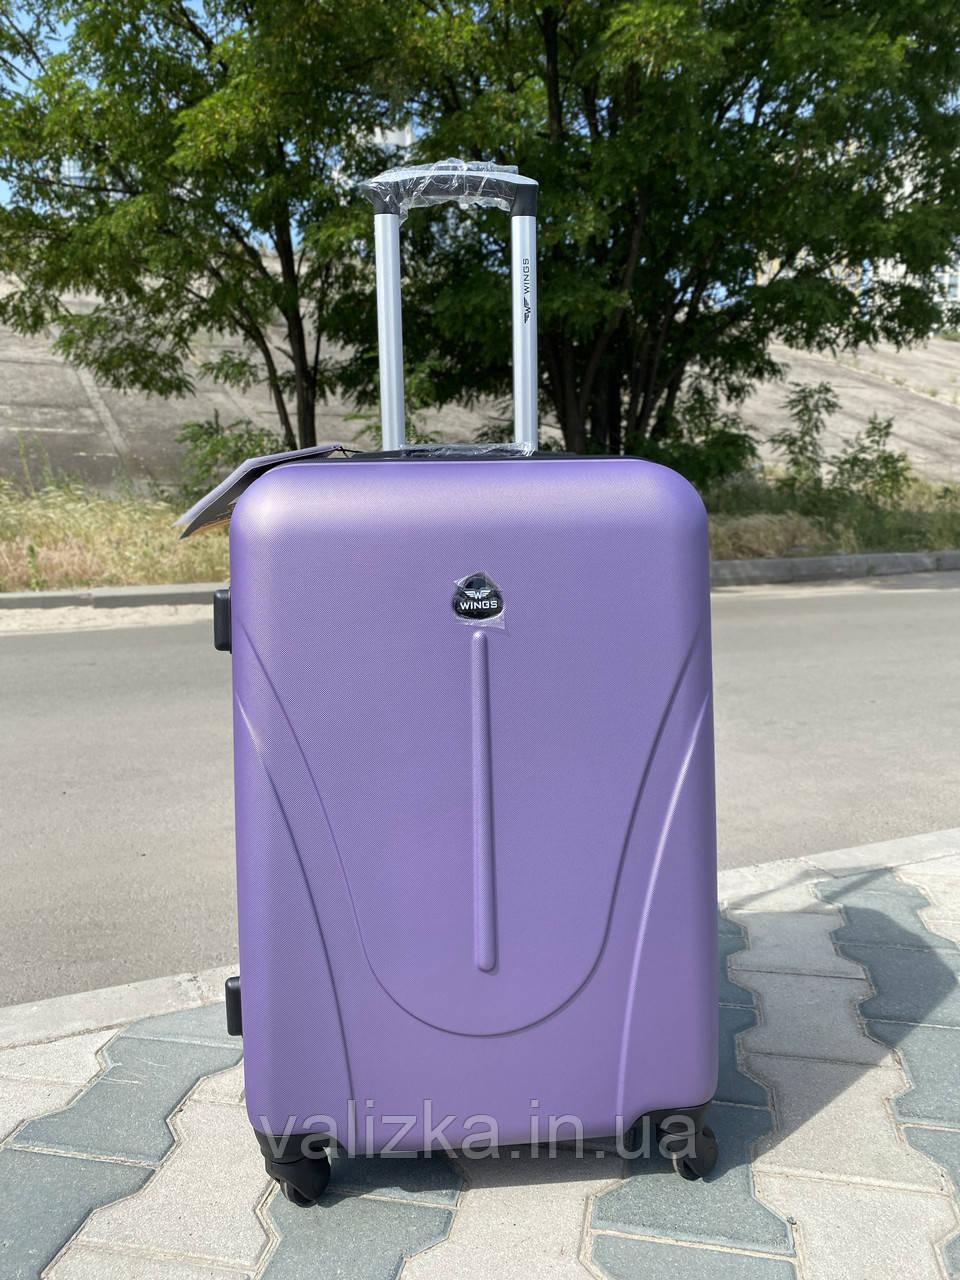 Средний пластиковый чемодан фиолетовый на 4-х колесах / Середня пластикова валіза золота